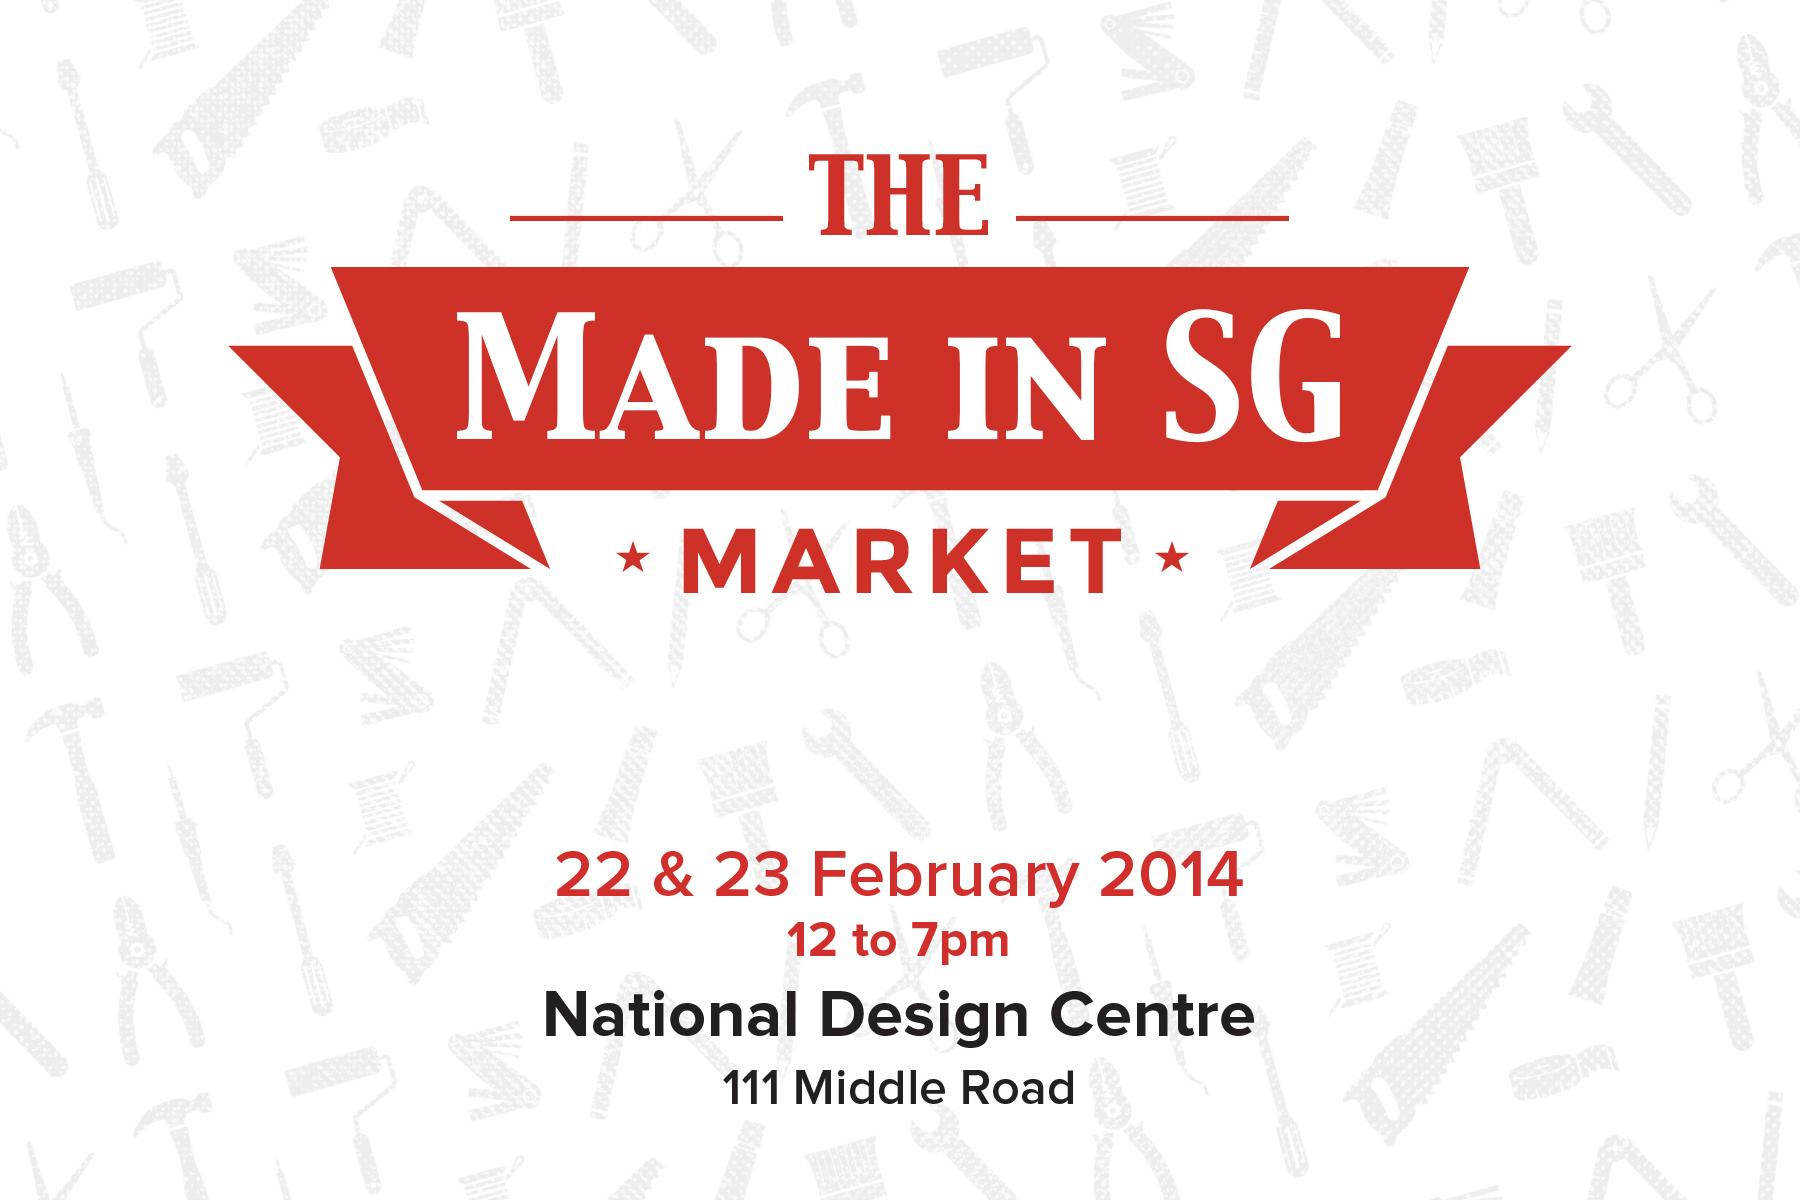 MadeinSG-market-banner